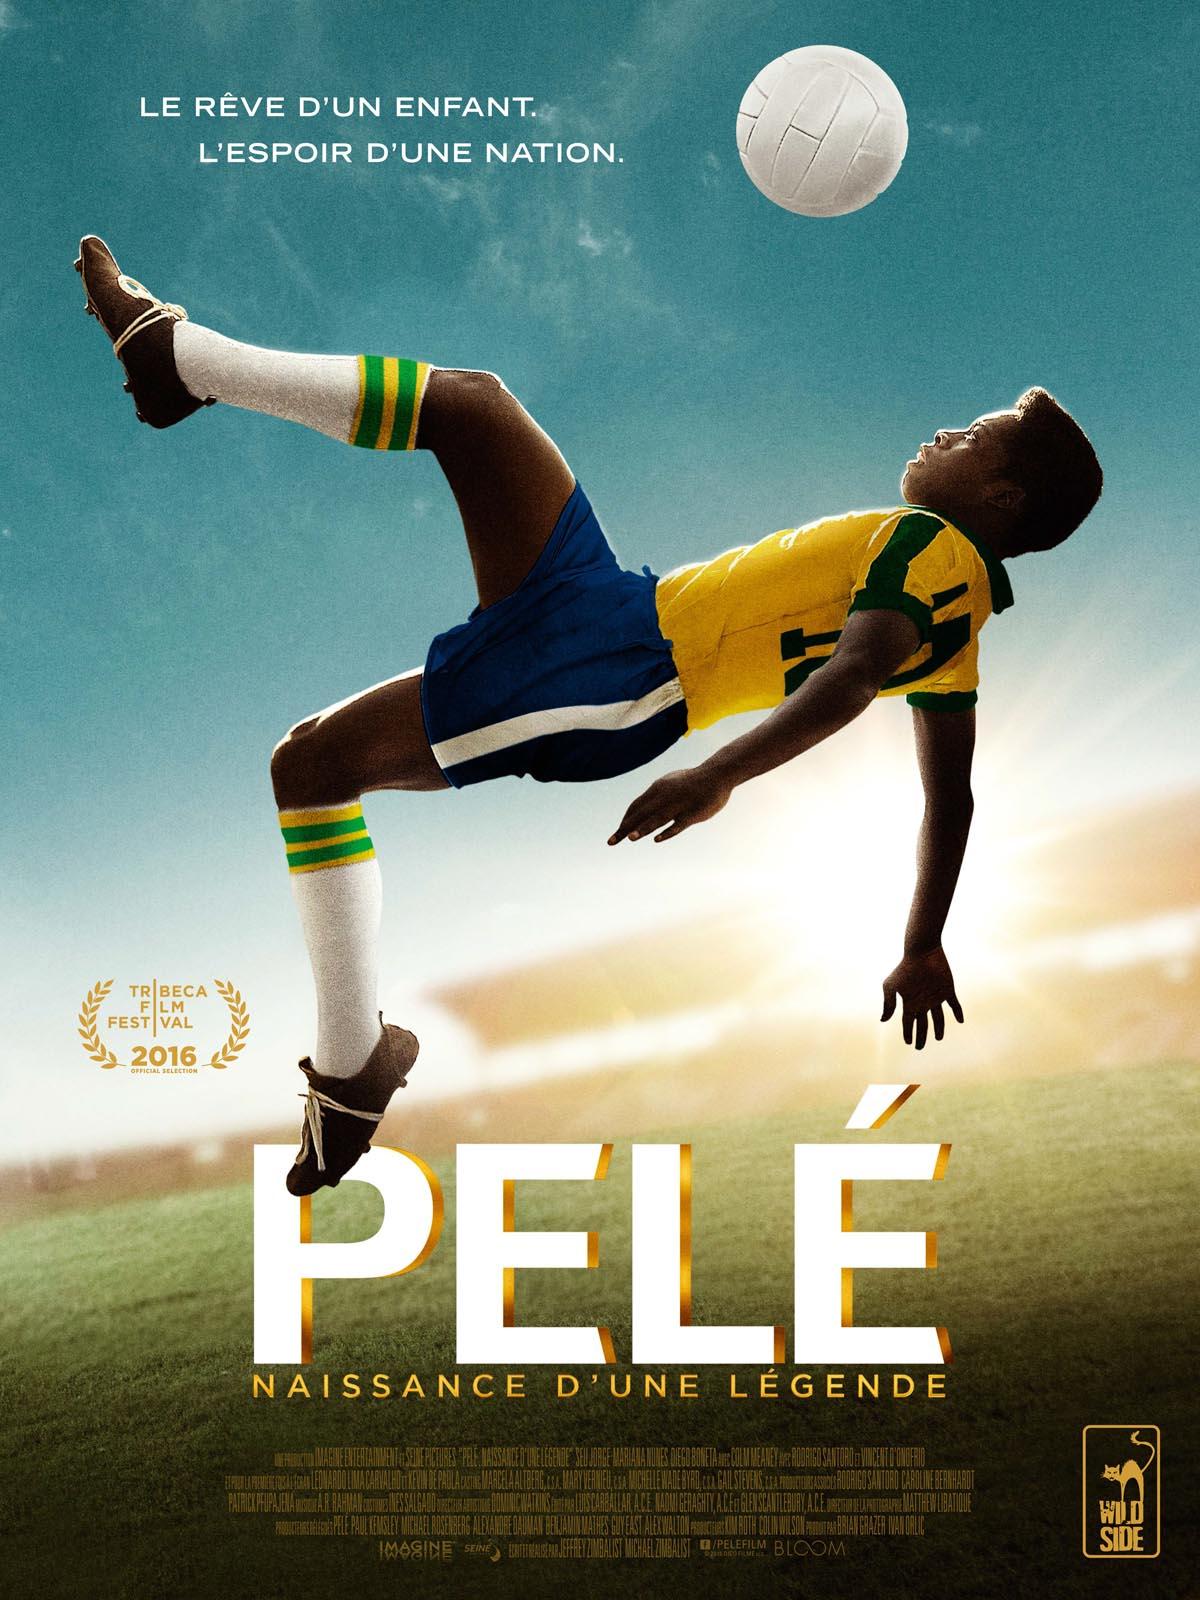 Pelé - naissance d?une légende ddl